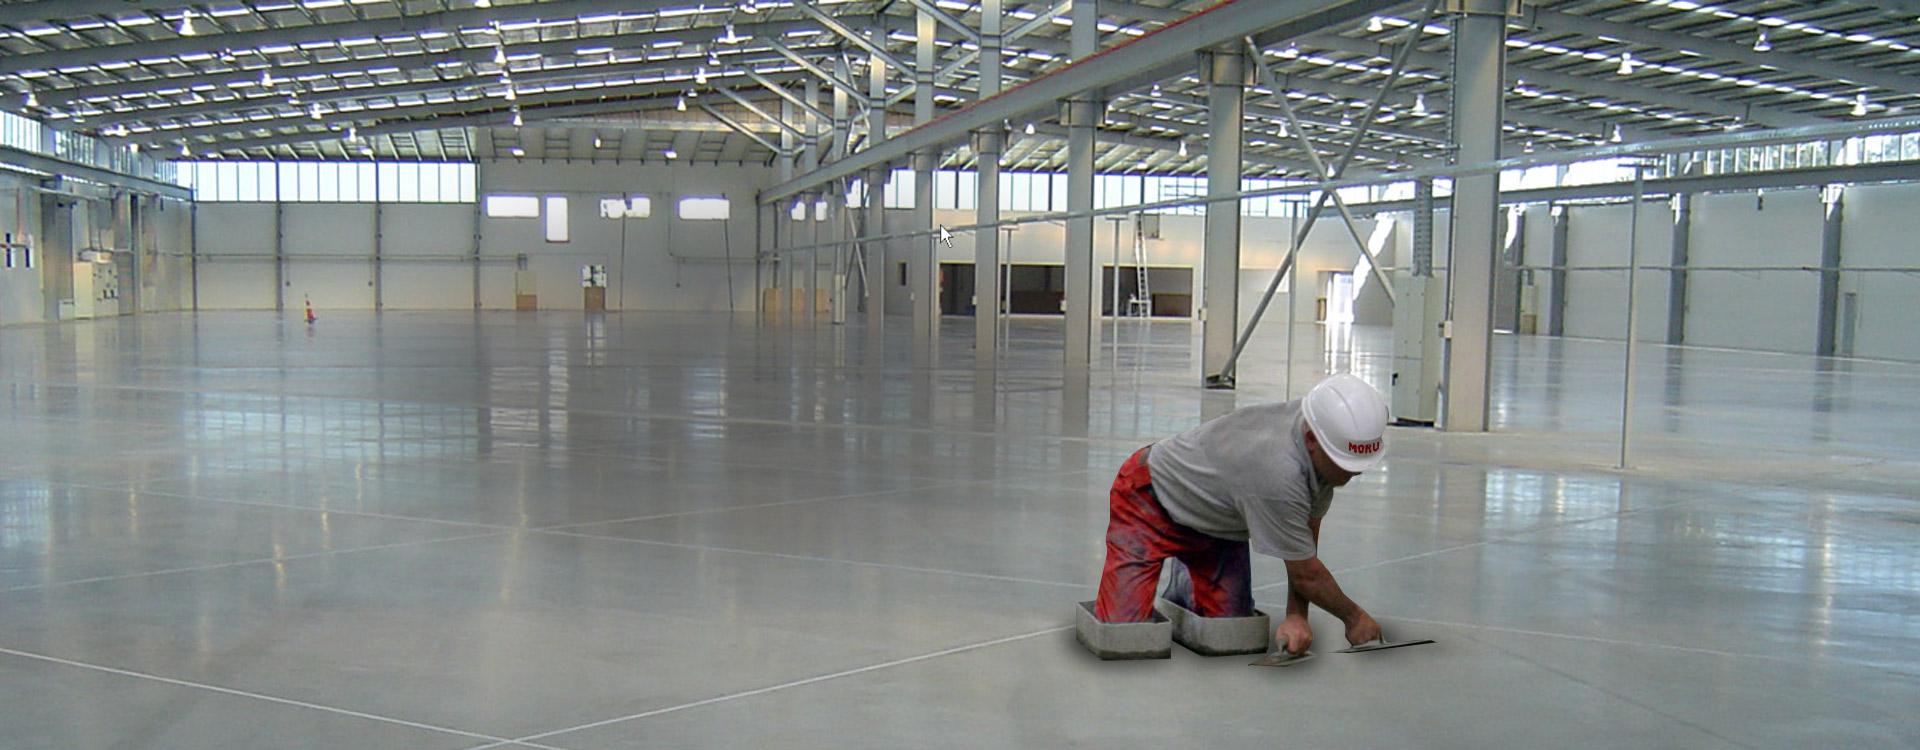 Betonvloeren polijsten, gepolijste betonvloer, beton polijsten